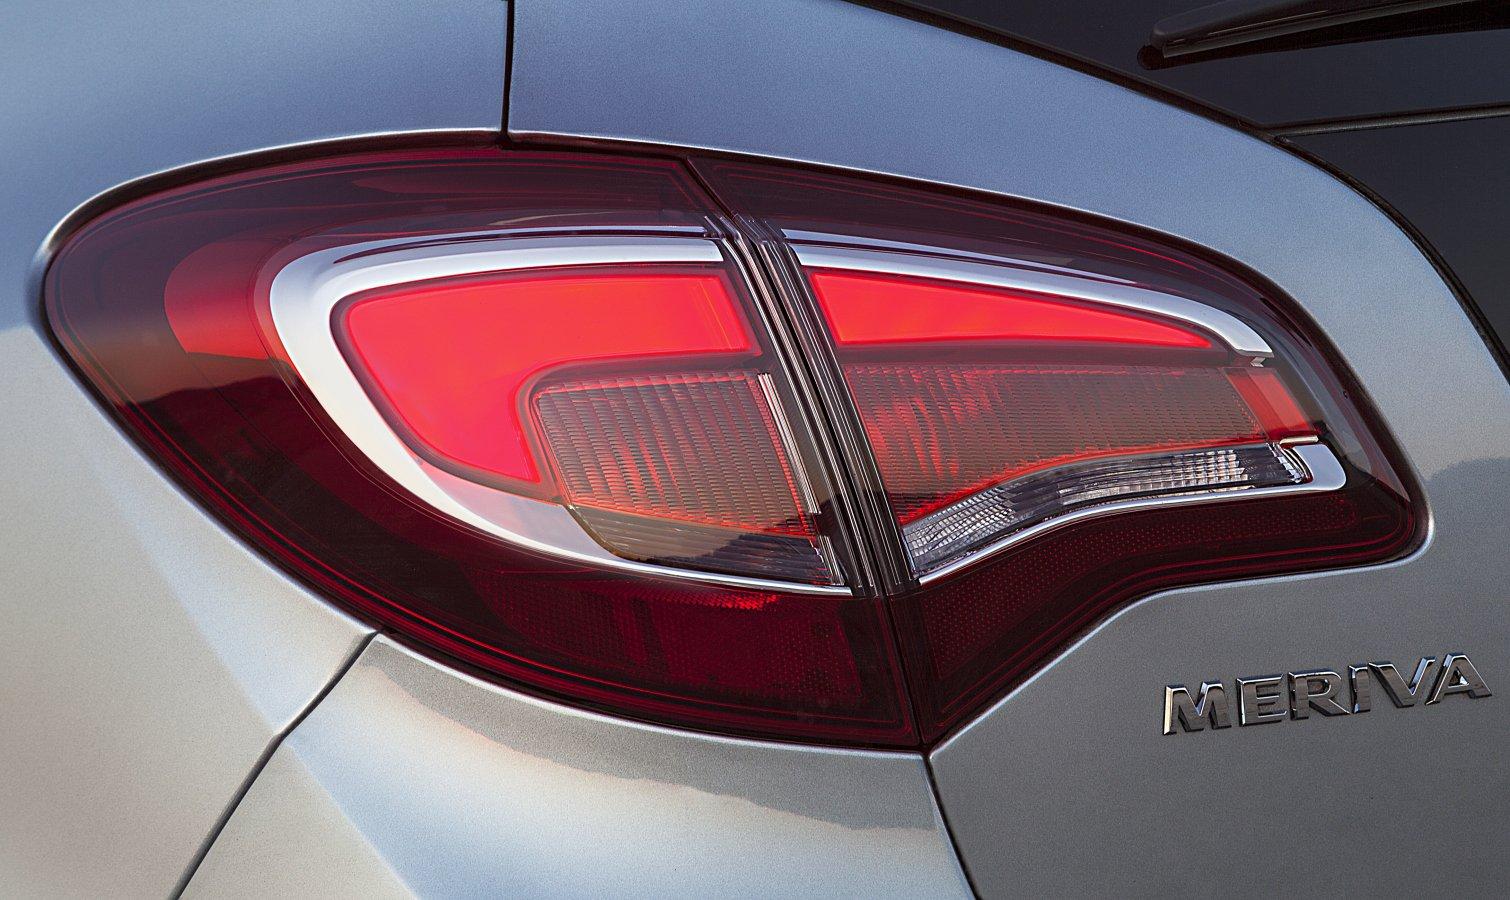 Opel Meriva: задний фонарь